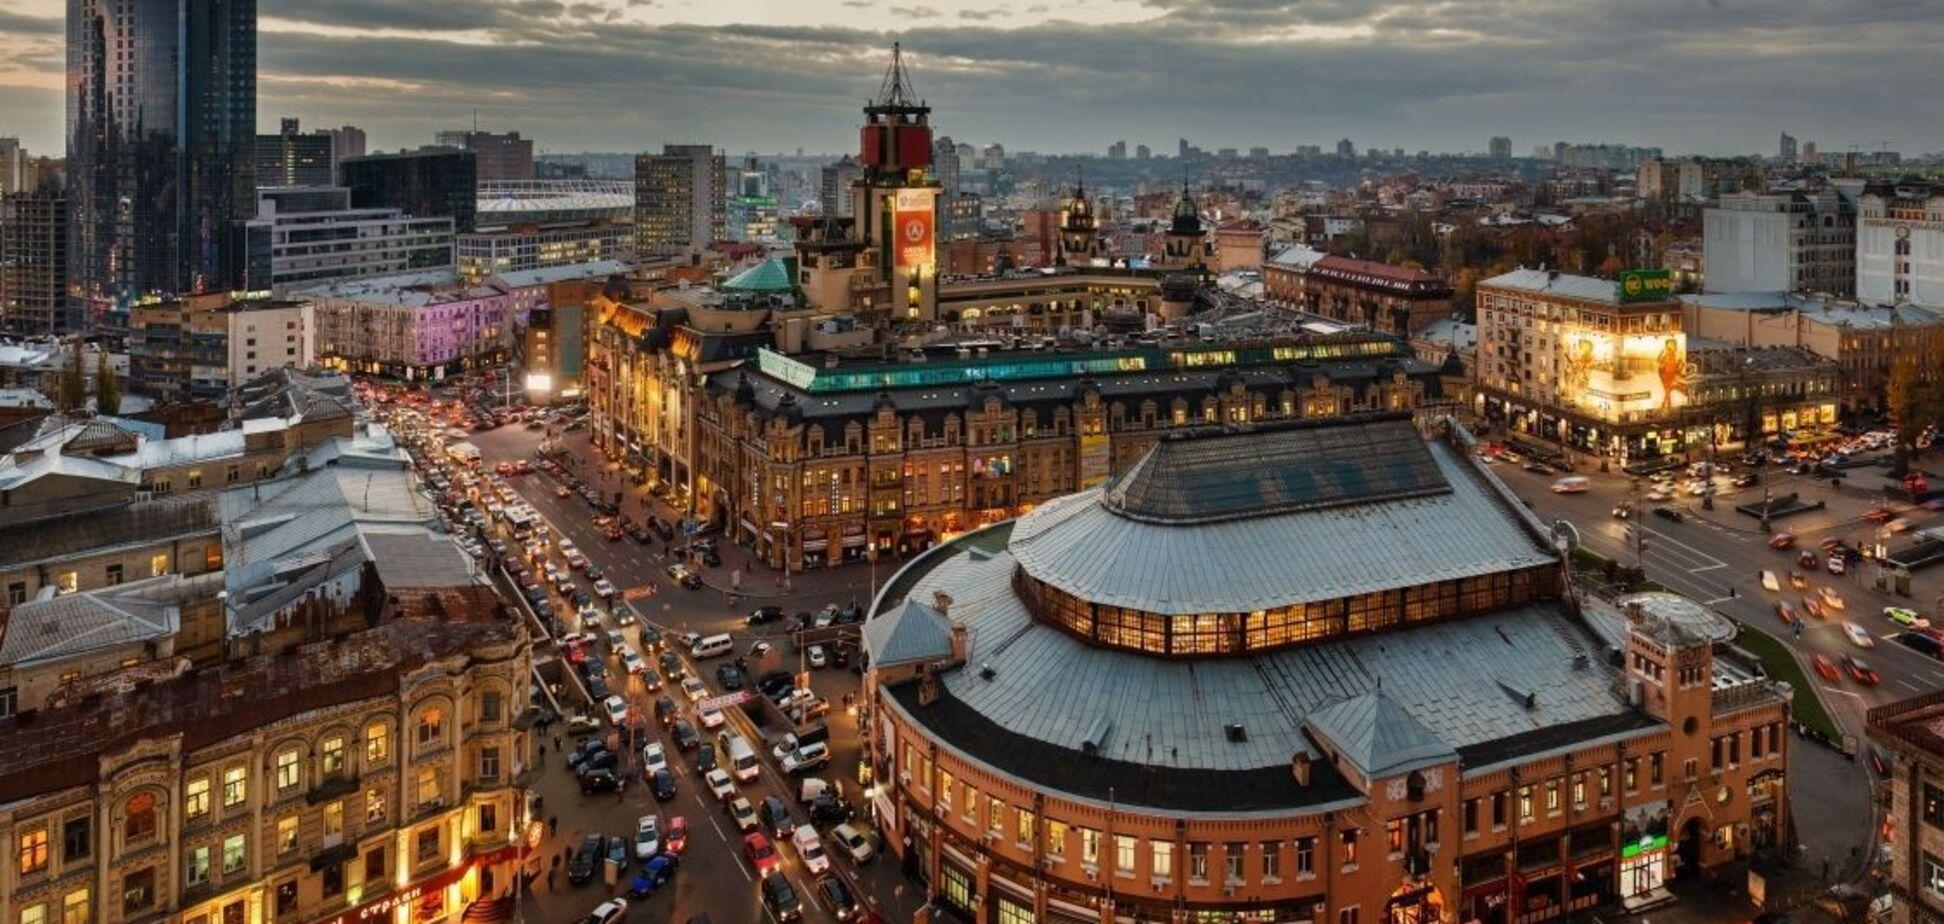 В сети вспомнили дух старого Киева с отелем 'Прага' в центре. Фото